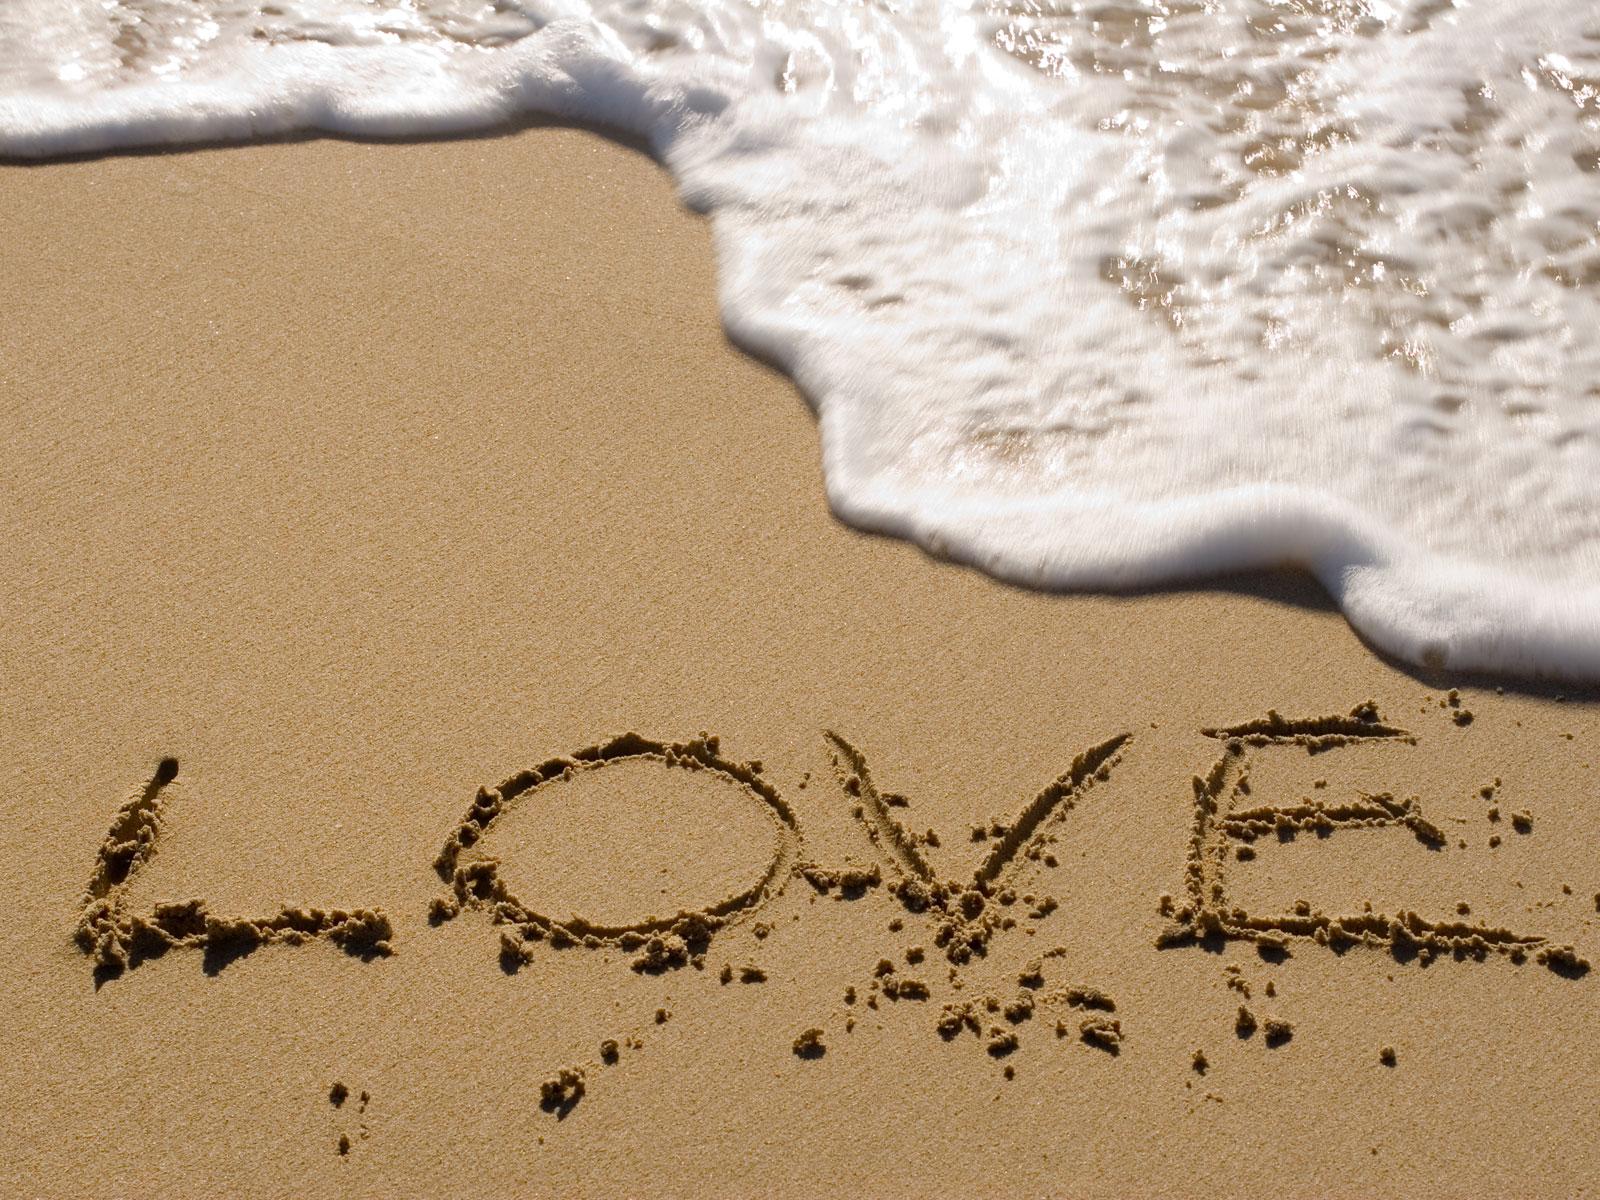 http://3.bp.blogspot.com/-a6XDB07voDM/T2ID8dORM5I/AAAAAAAACuQ/lbHeOGW3hn4/s1600/Love%2B3.jpg